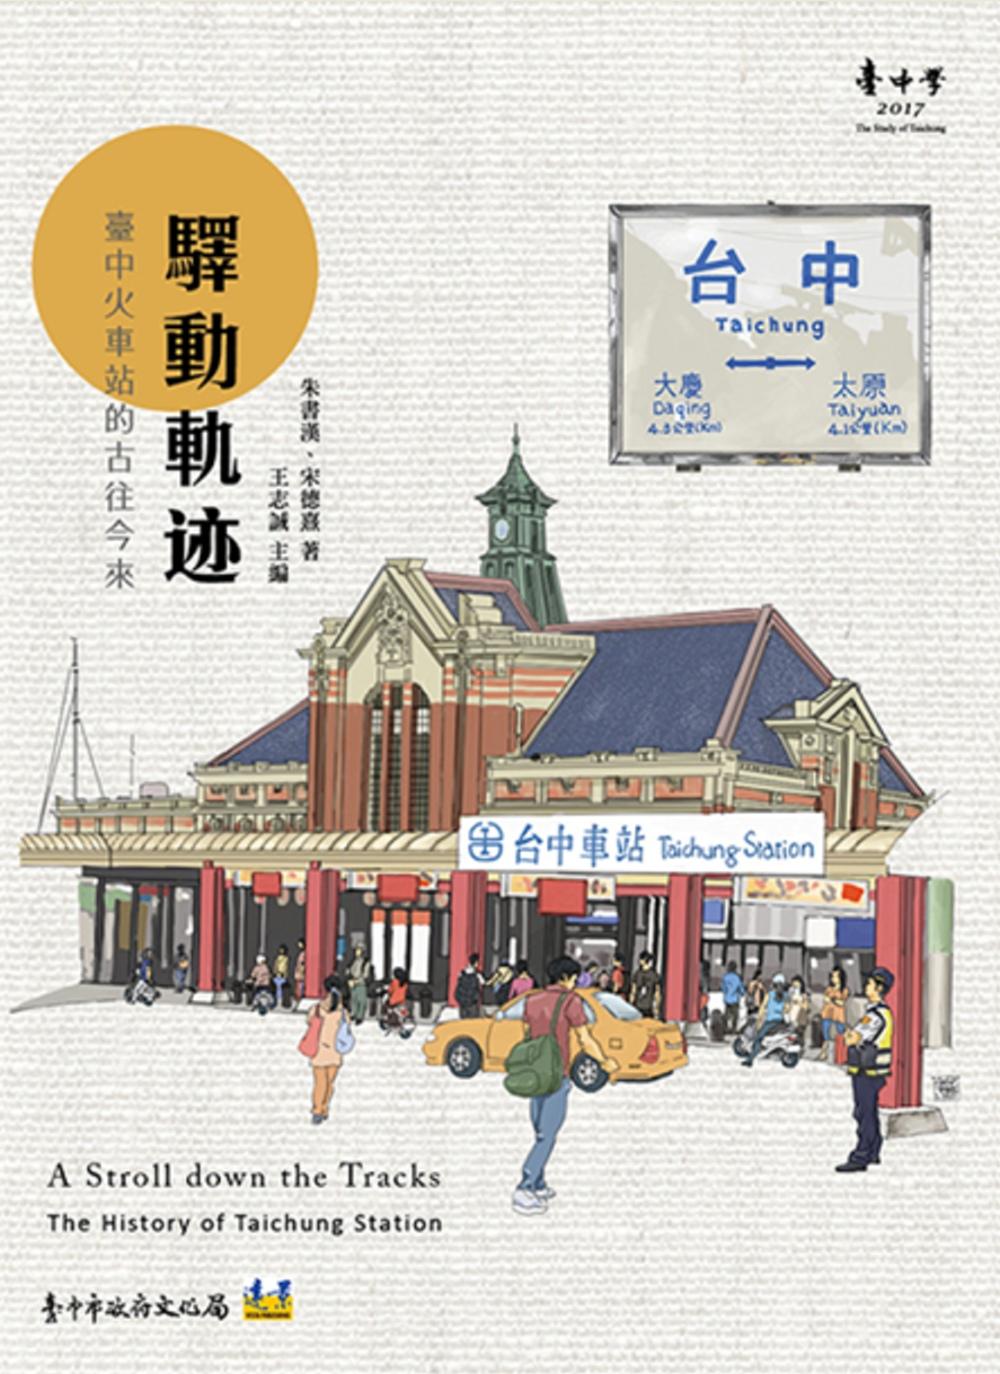 《驛動軌迹:臺中火車站的古往今來》 商品條碼,ISBN:9789860537550